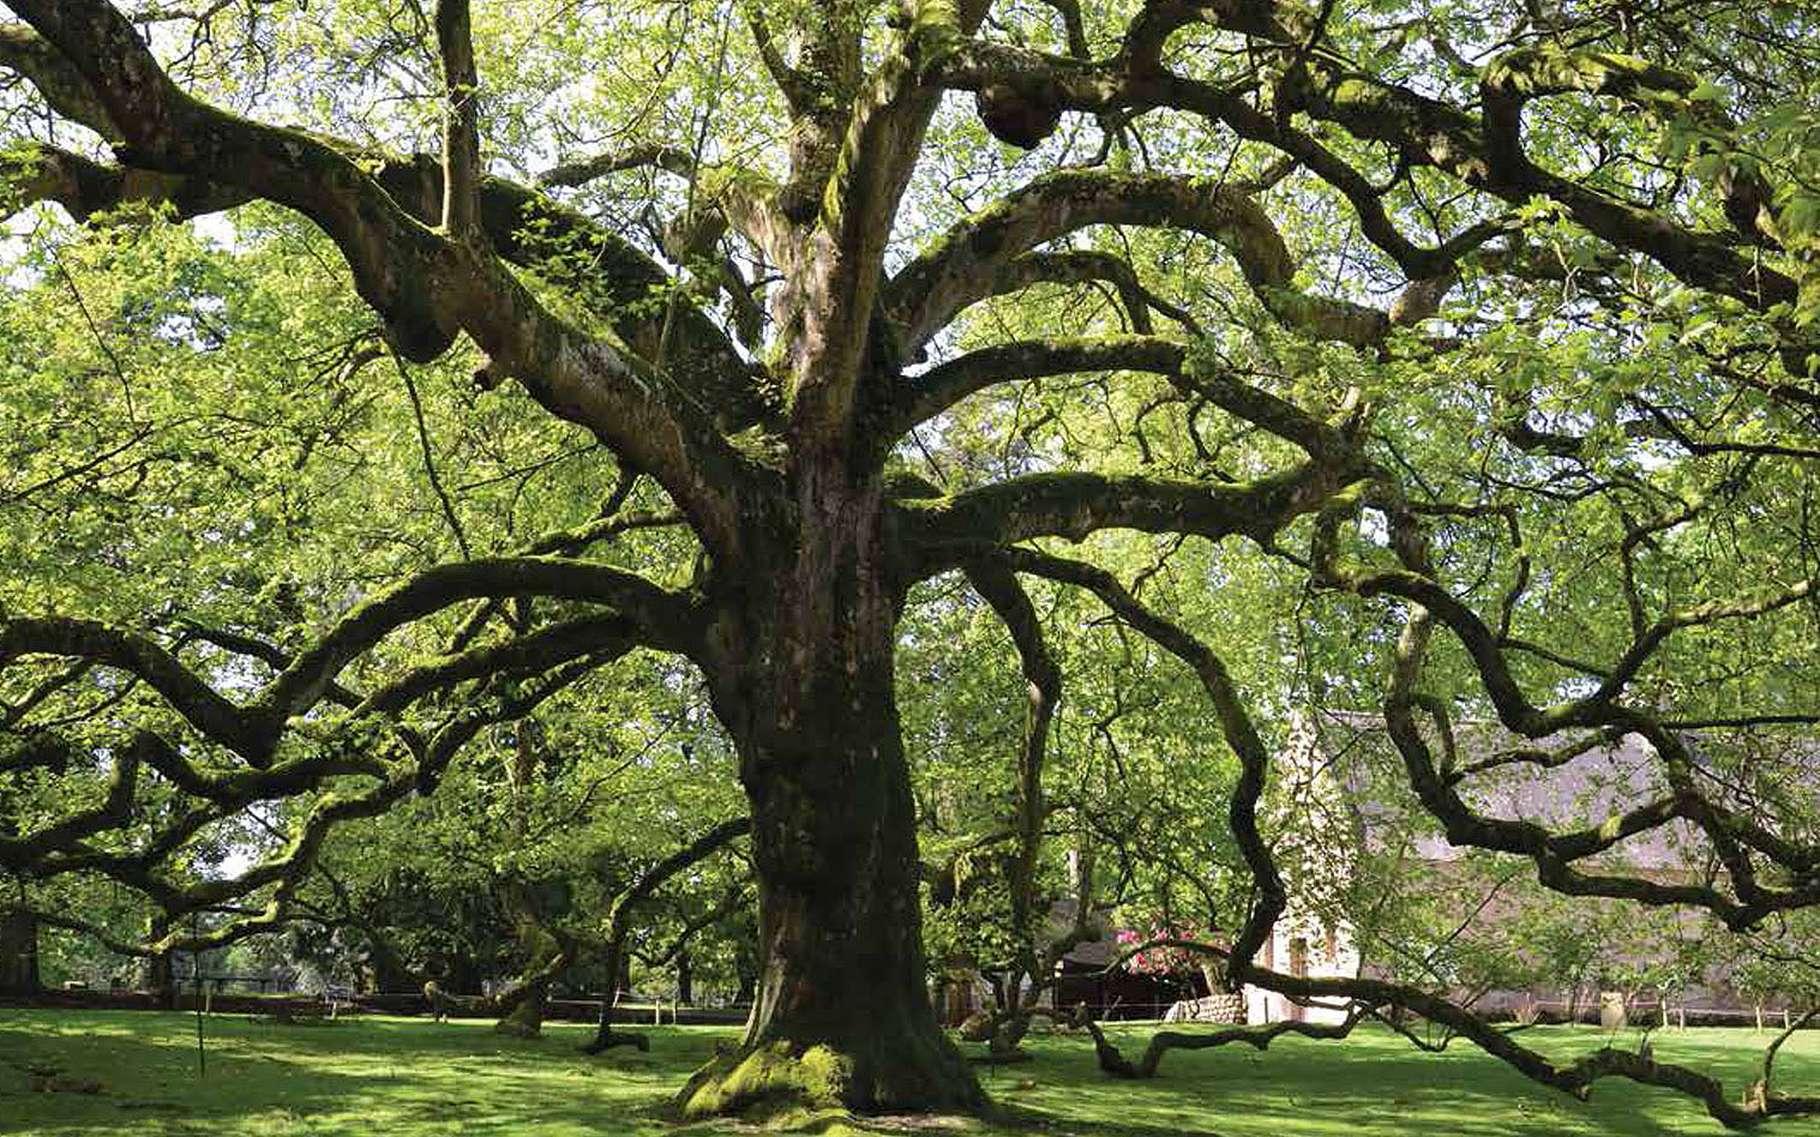 Le parc animalier de Branféré, situé dans la partie est du Morbihan (sur la commune de Le Guerno), accueille chaque année de nombreux visiteurs. Les enfants et les plus grands sont émerveillés par les kangourous et les antilopes en liberté, et par le fantastique spectacle consacré aux oiseaux du monde. Mais il ne faut surtout pas négliger de rendre visite à l'arbre exceptionnel qui se dresse à proximité de l'espace de restauration. Il s'agit d'un platane majestueux, âgé de plus de 200 ans, dont les branches redescendent vers le sol, au point de le voir qualifier d'arbre pleureur.Le tronc de ce colosse mesure 5 mètres de circonférence et ses branches s'étendent sur 45 mètres. La cime culmine à 30 mètres. Ce « platane pleureur » est peut-être le seul nommé ainsi. C'est véritablement une attraction à lui tout seul, des végétaux ont élu domicile sur ses branches, il n'est pas rare de voir les oies se nicher ou les paons escalader ce platane d'Orient (Platanus orientalis), une espèce peu répandue et, réservée aux jardins d'ornement.© Georges Feterman, Futura